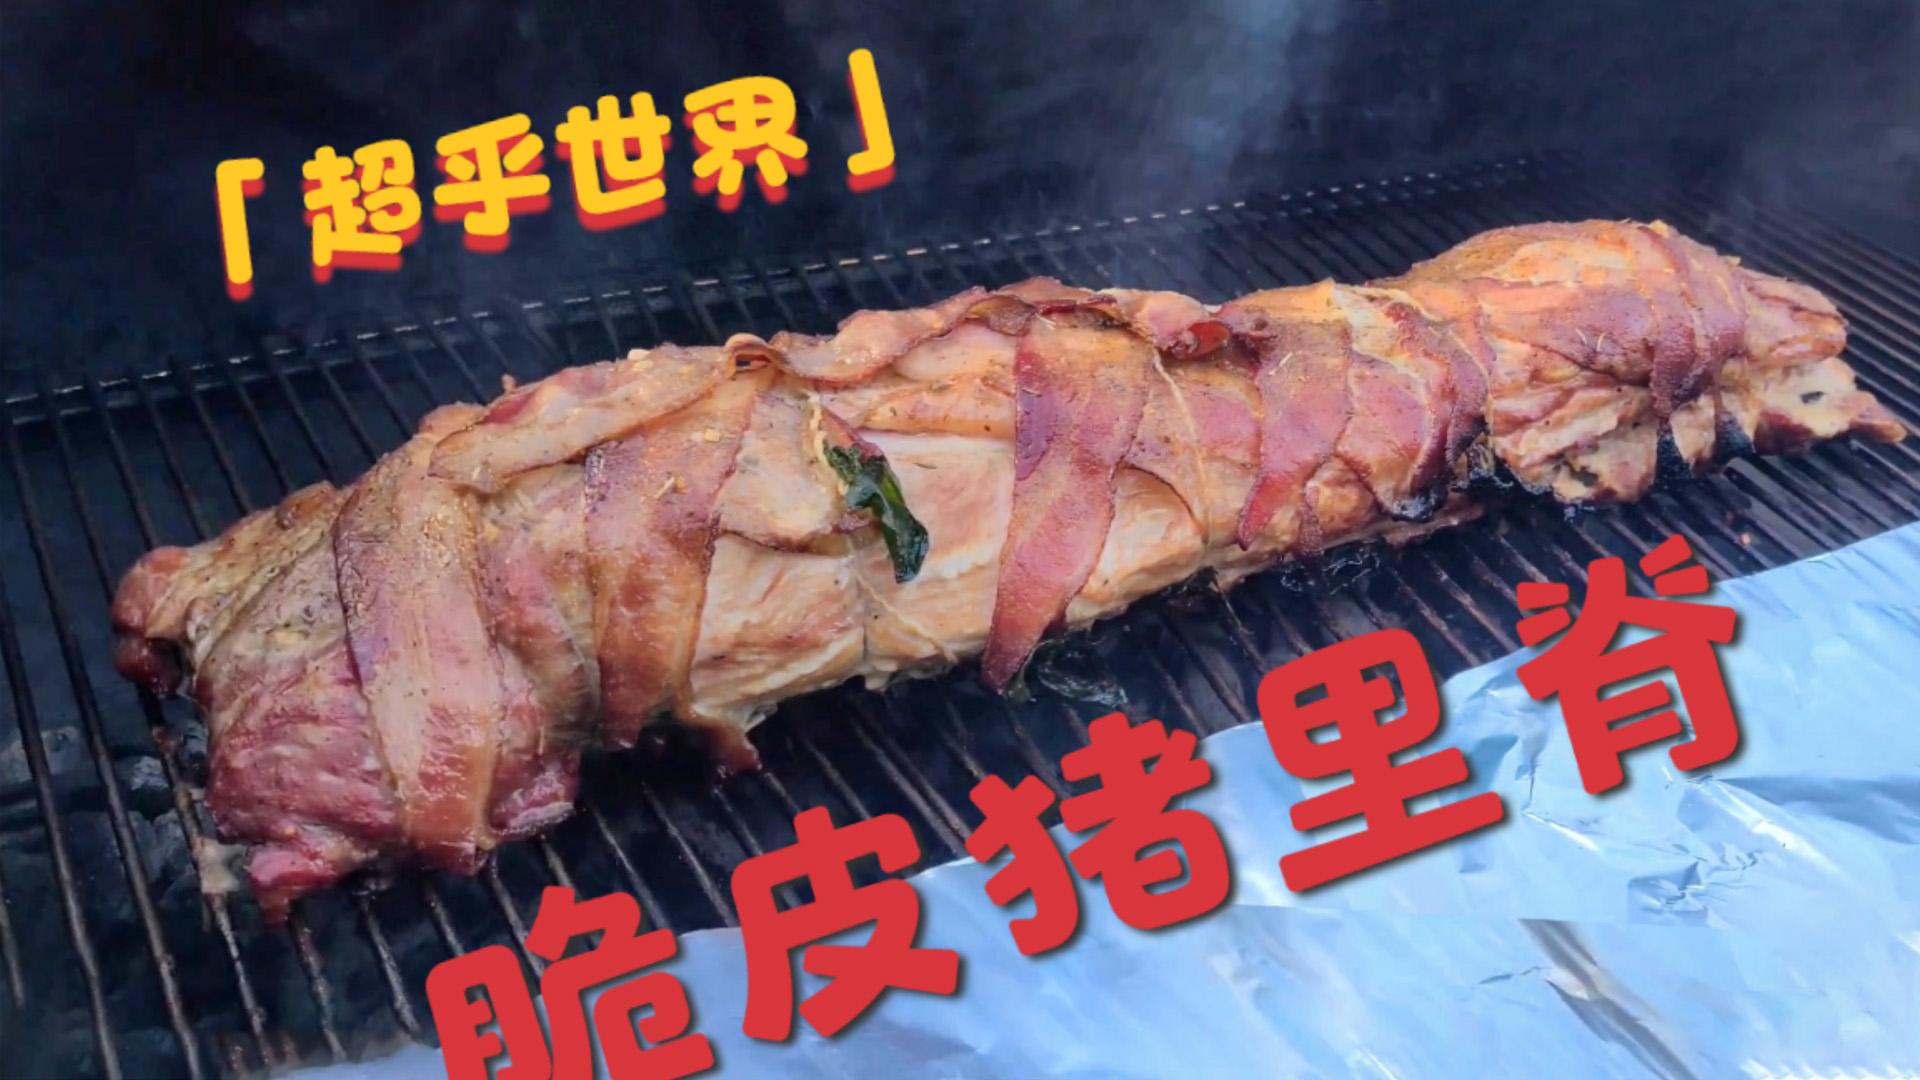 【冬季限定美食】美国土豪BBQ 超乎世界的脆皮猪里脊